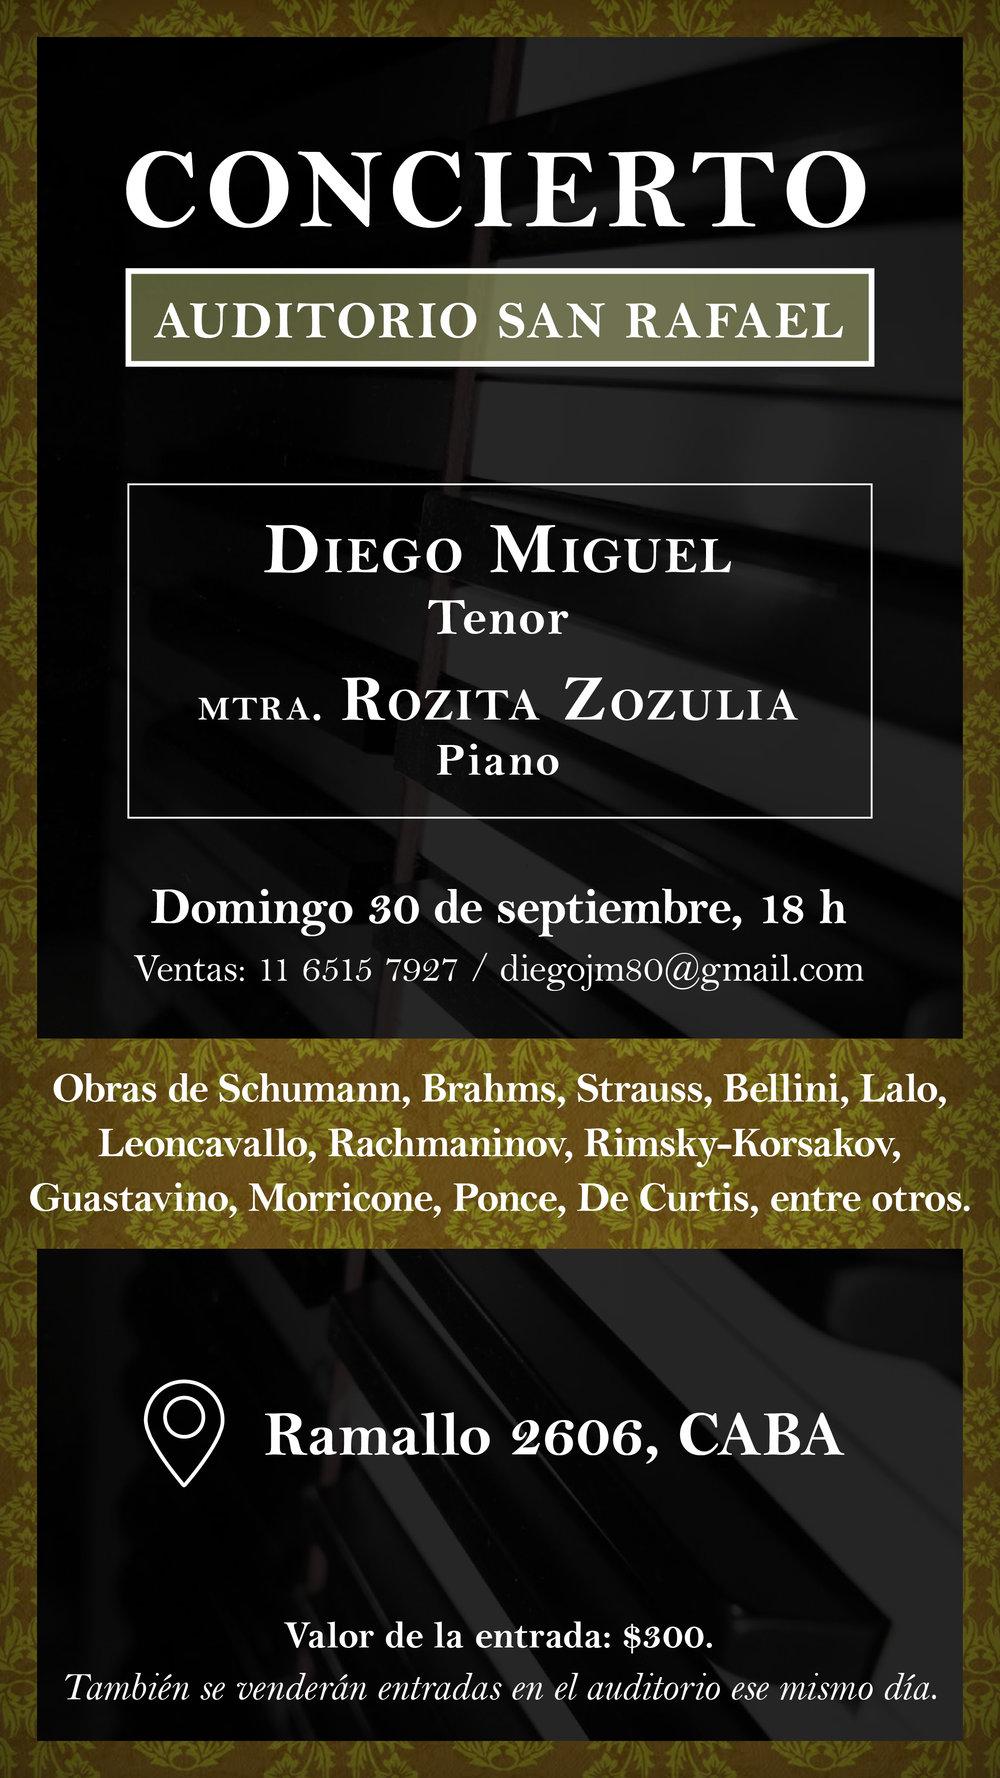 Diego Miguel: Concierto  Diseño de flyer promocional y entradas.